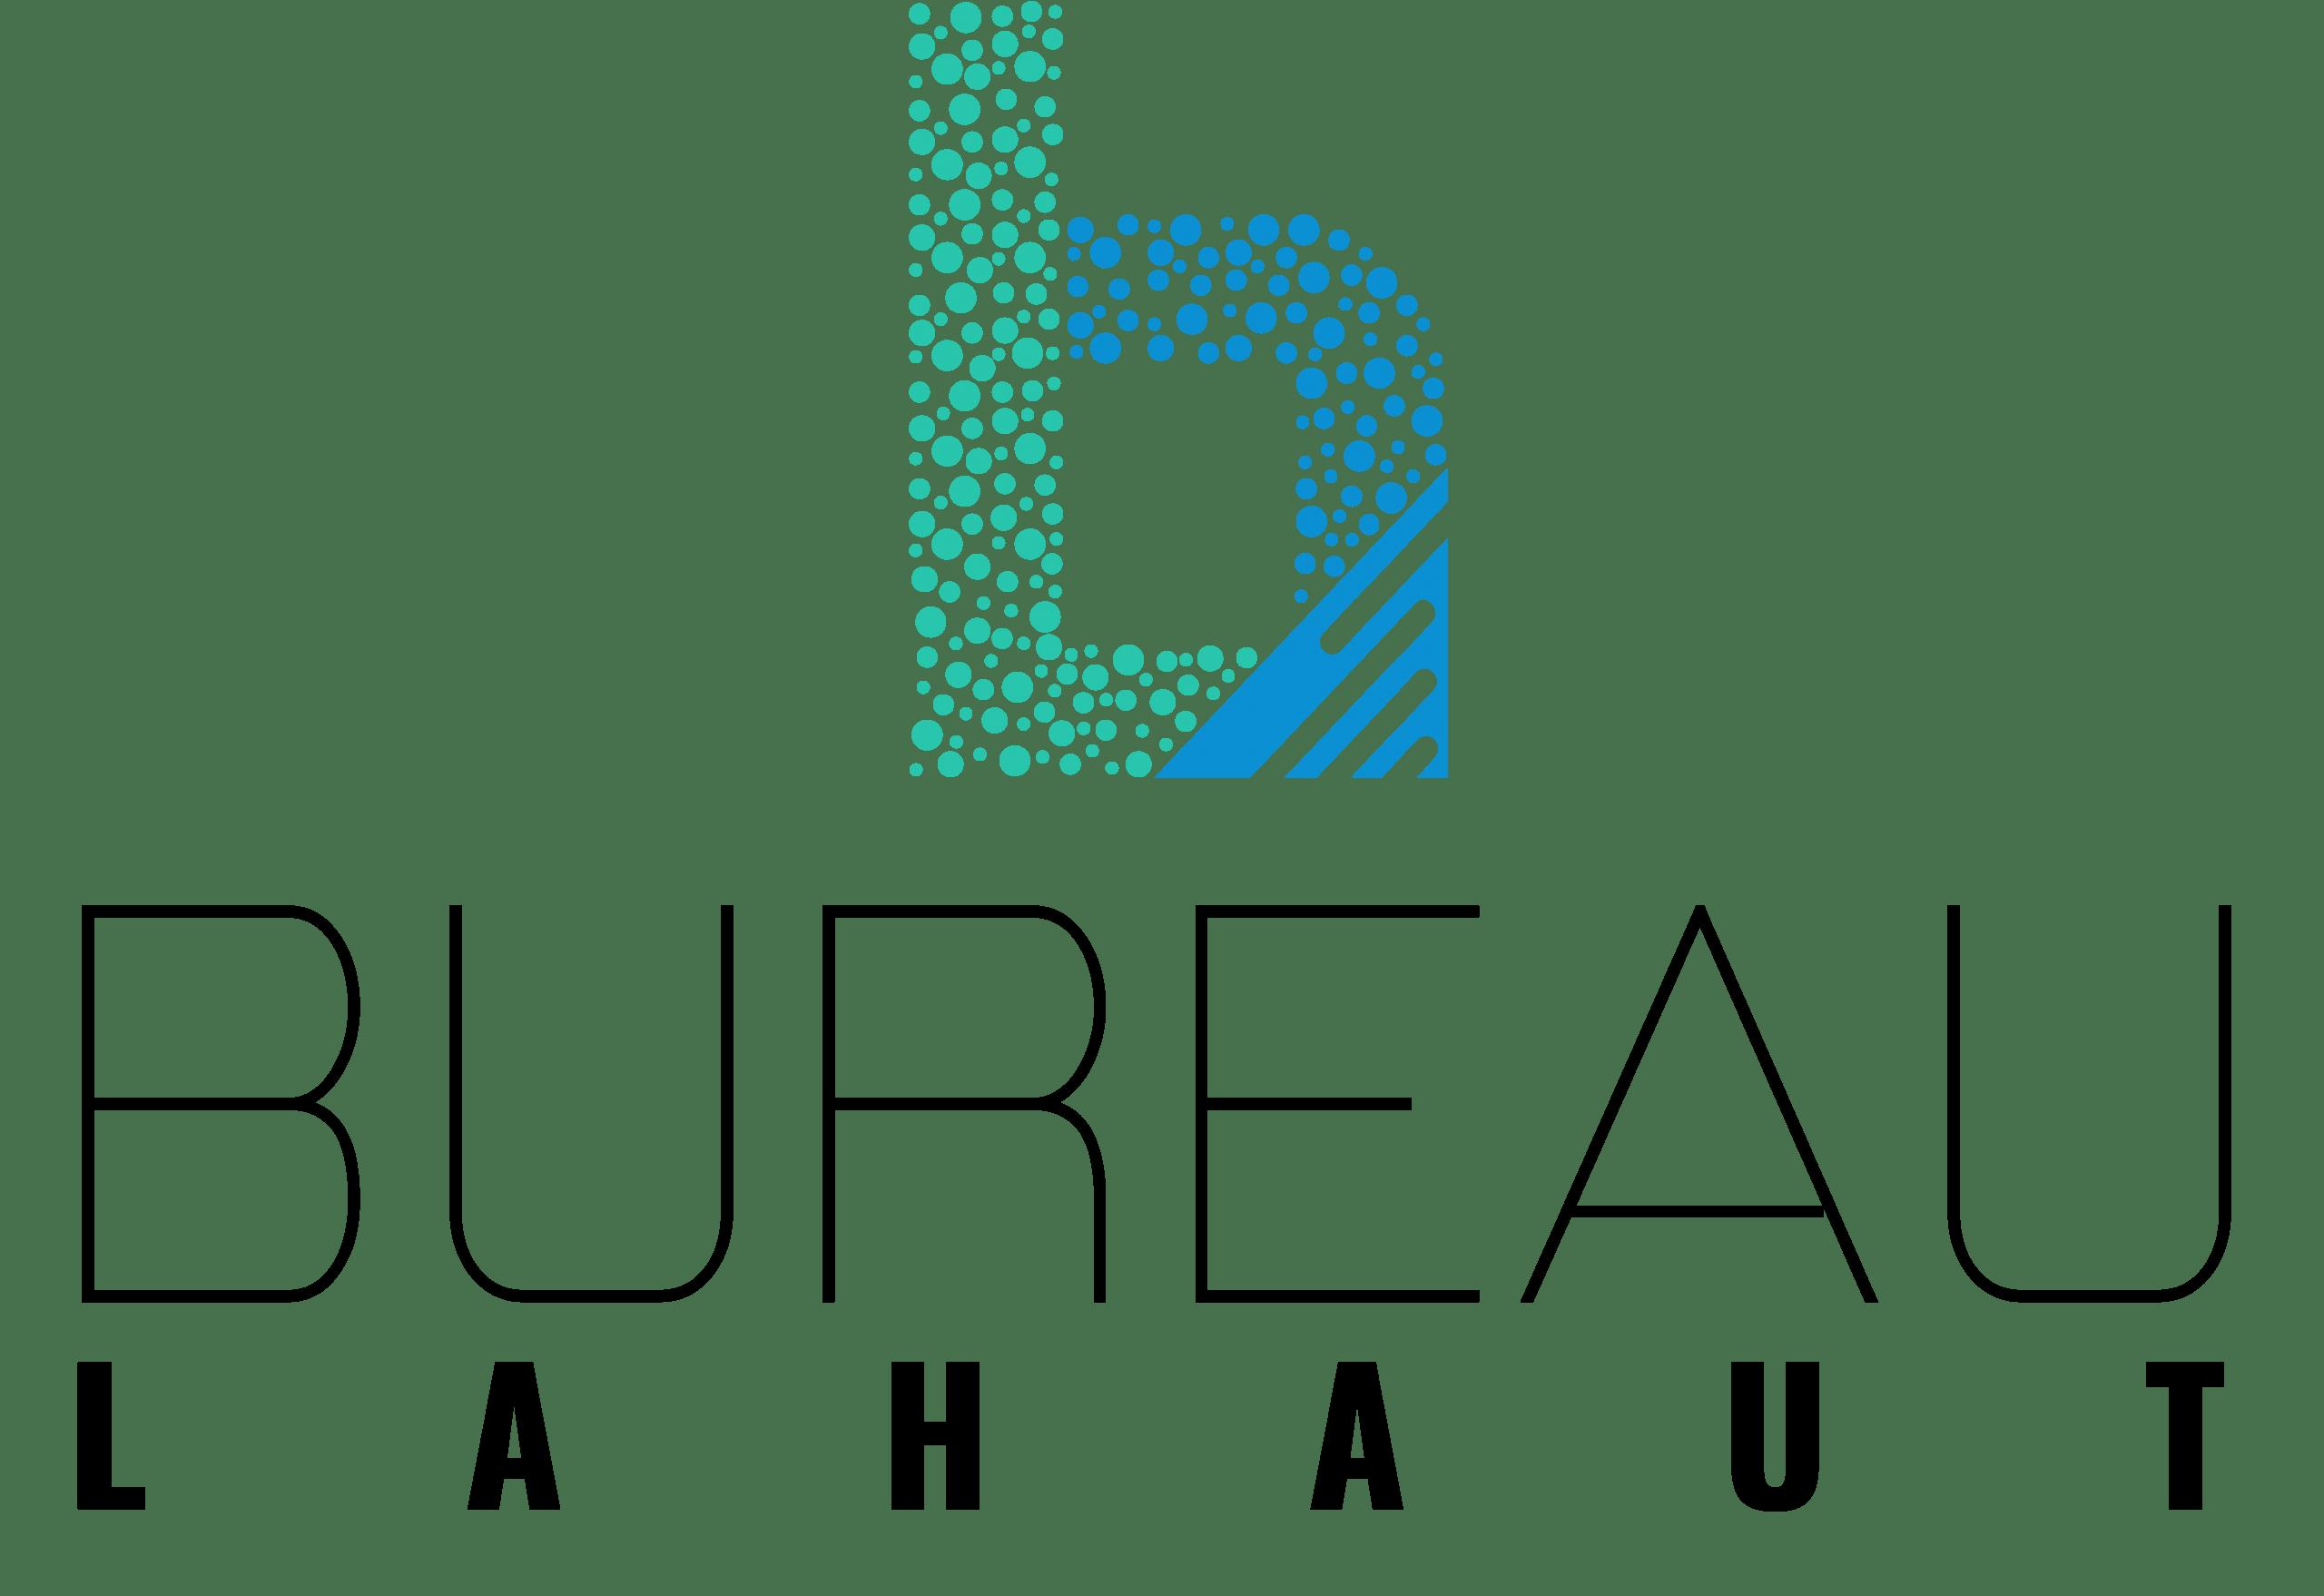 Bureau Lahaut onderzoeksbureau te Amsterdam logo